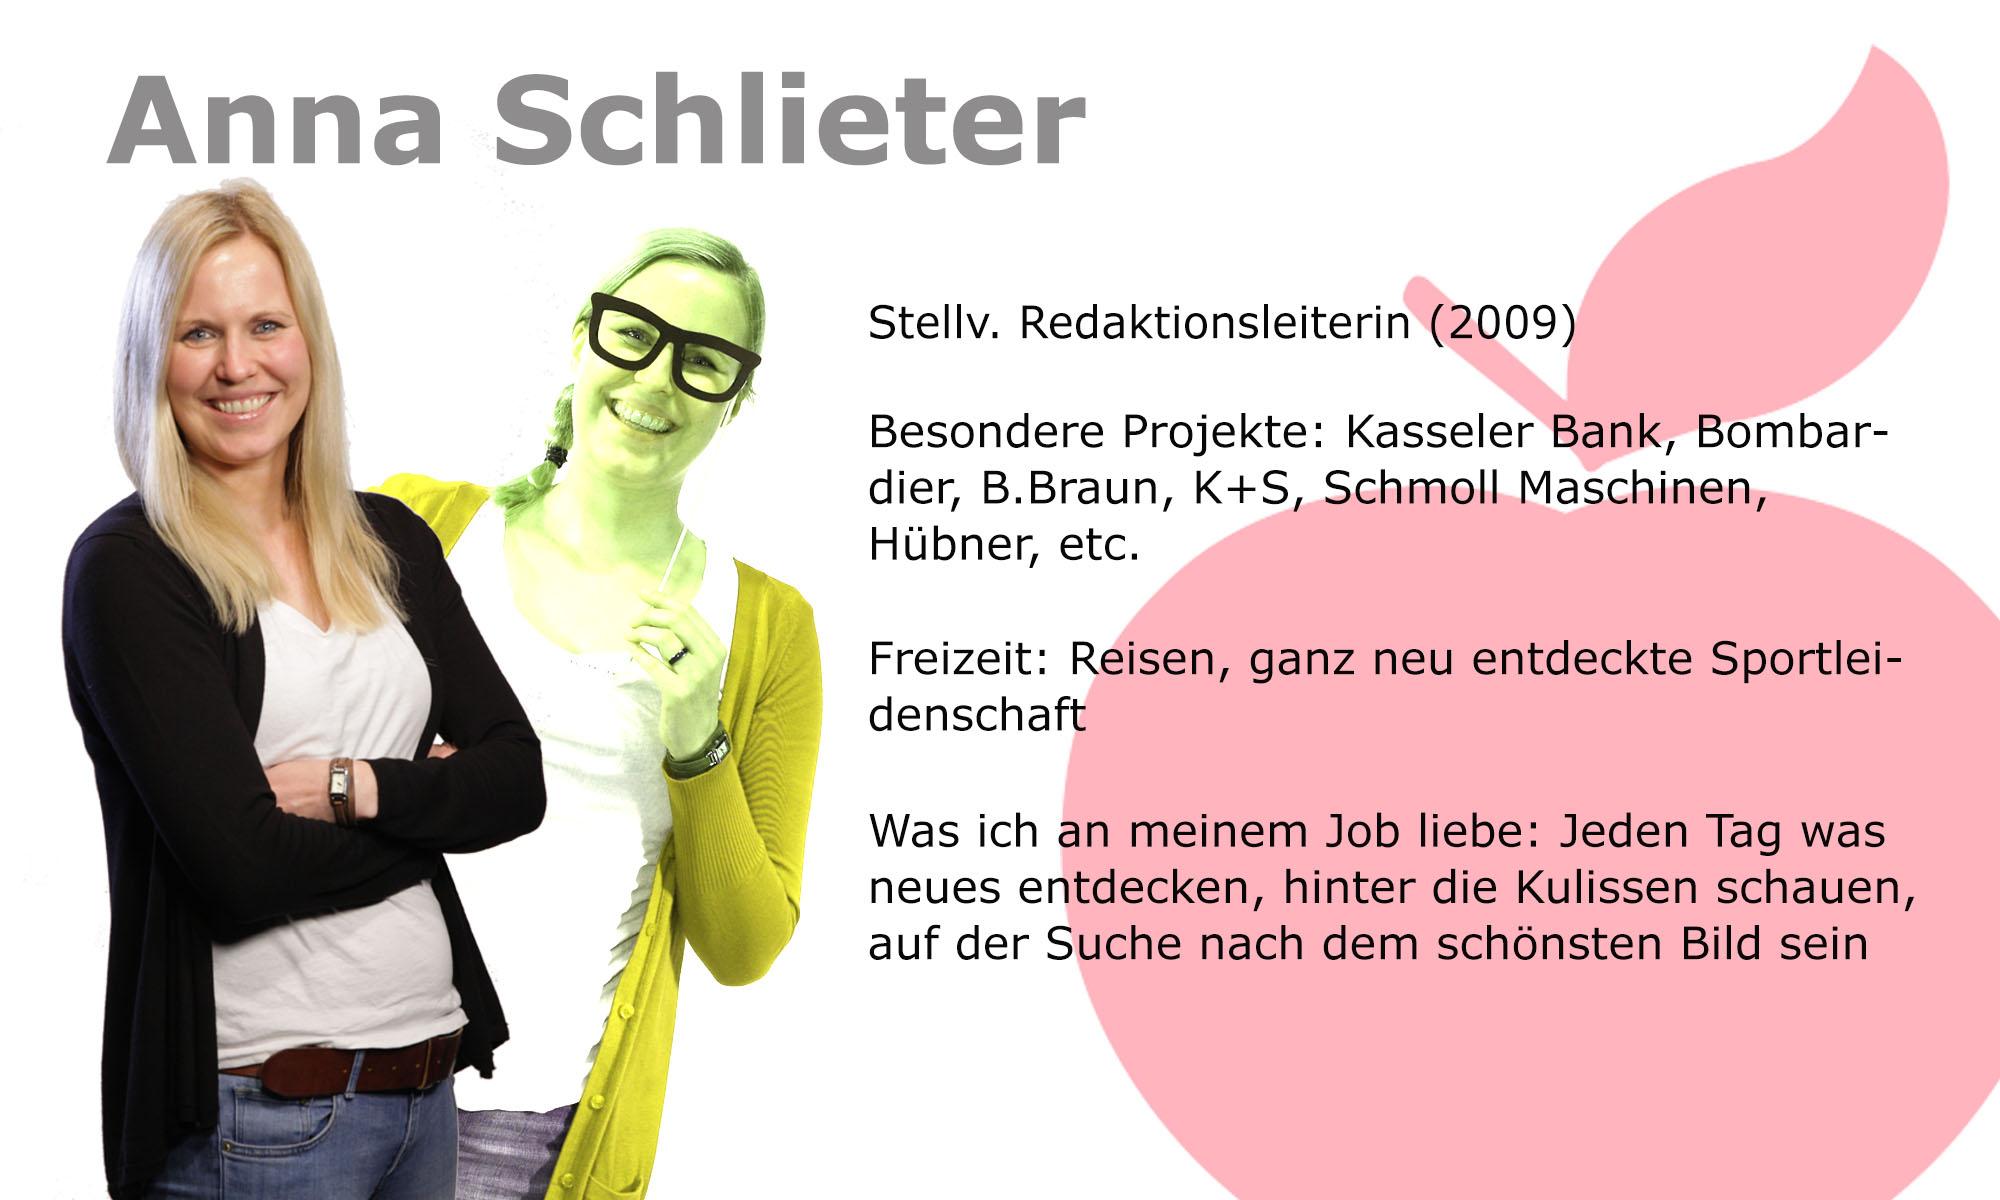 schlieter_vorstellung